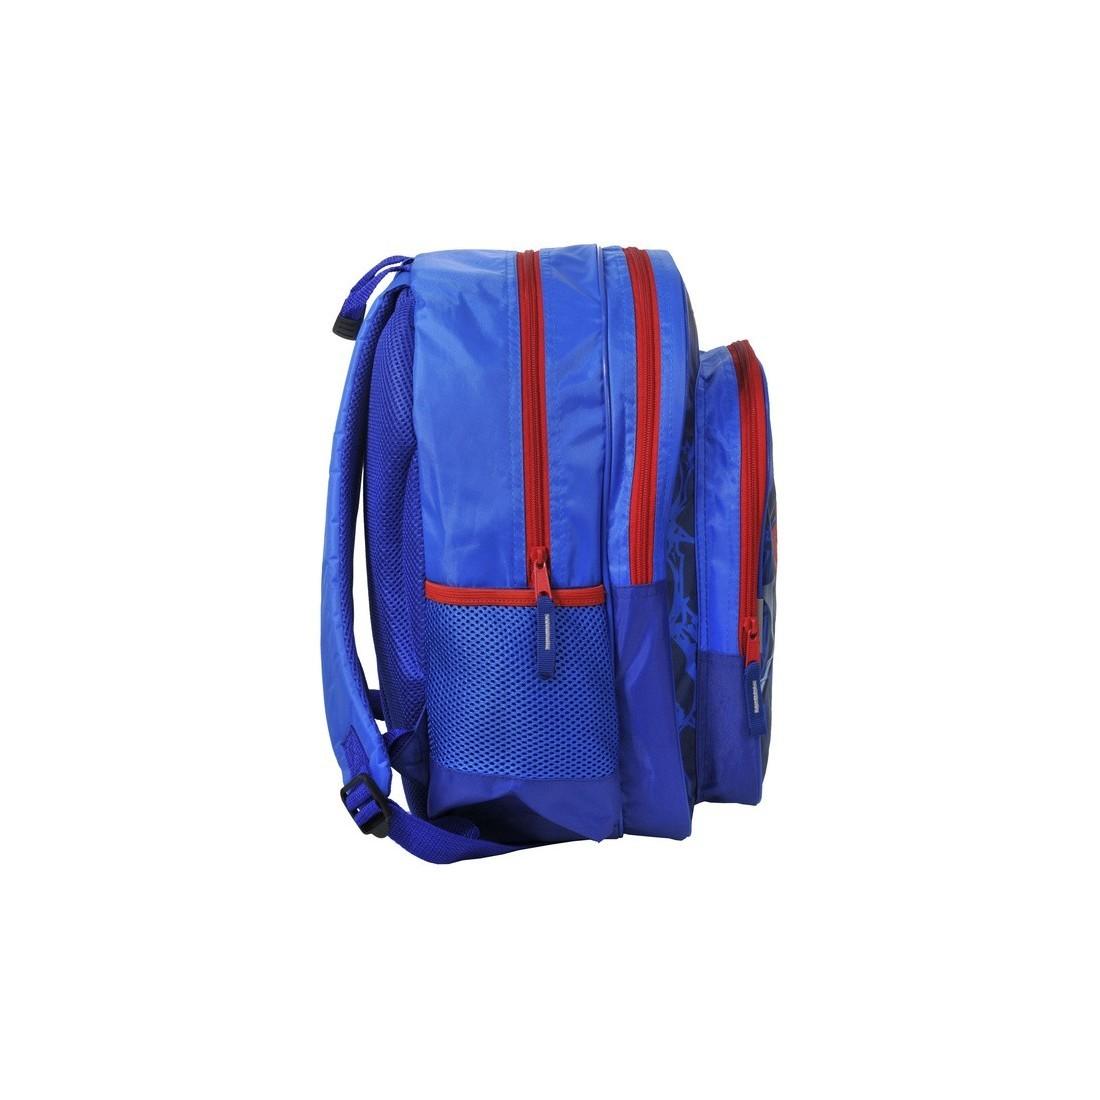 Plecak szkolny Spider-Man - plecak-tornister.pl